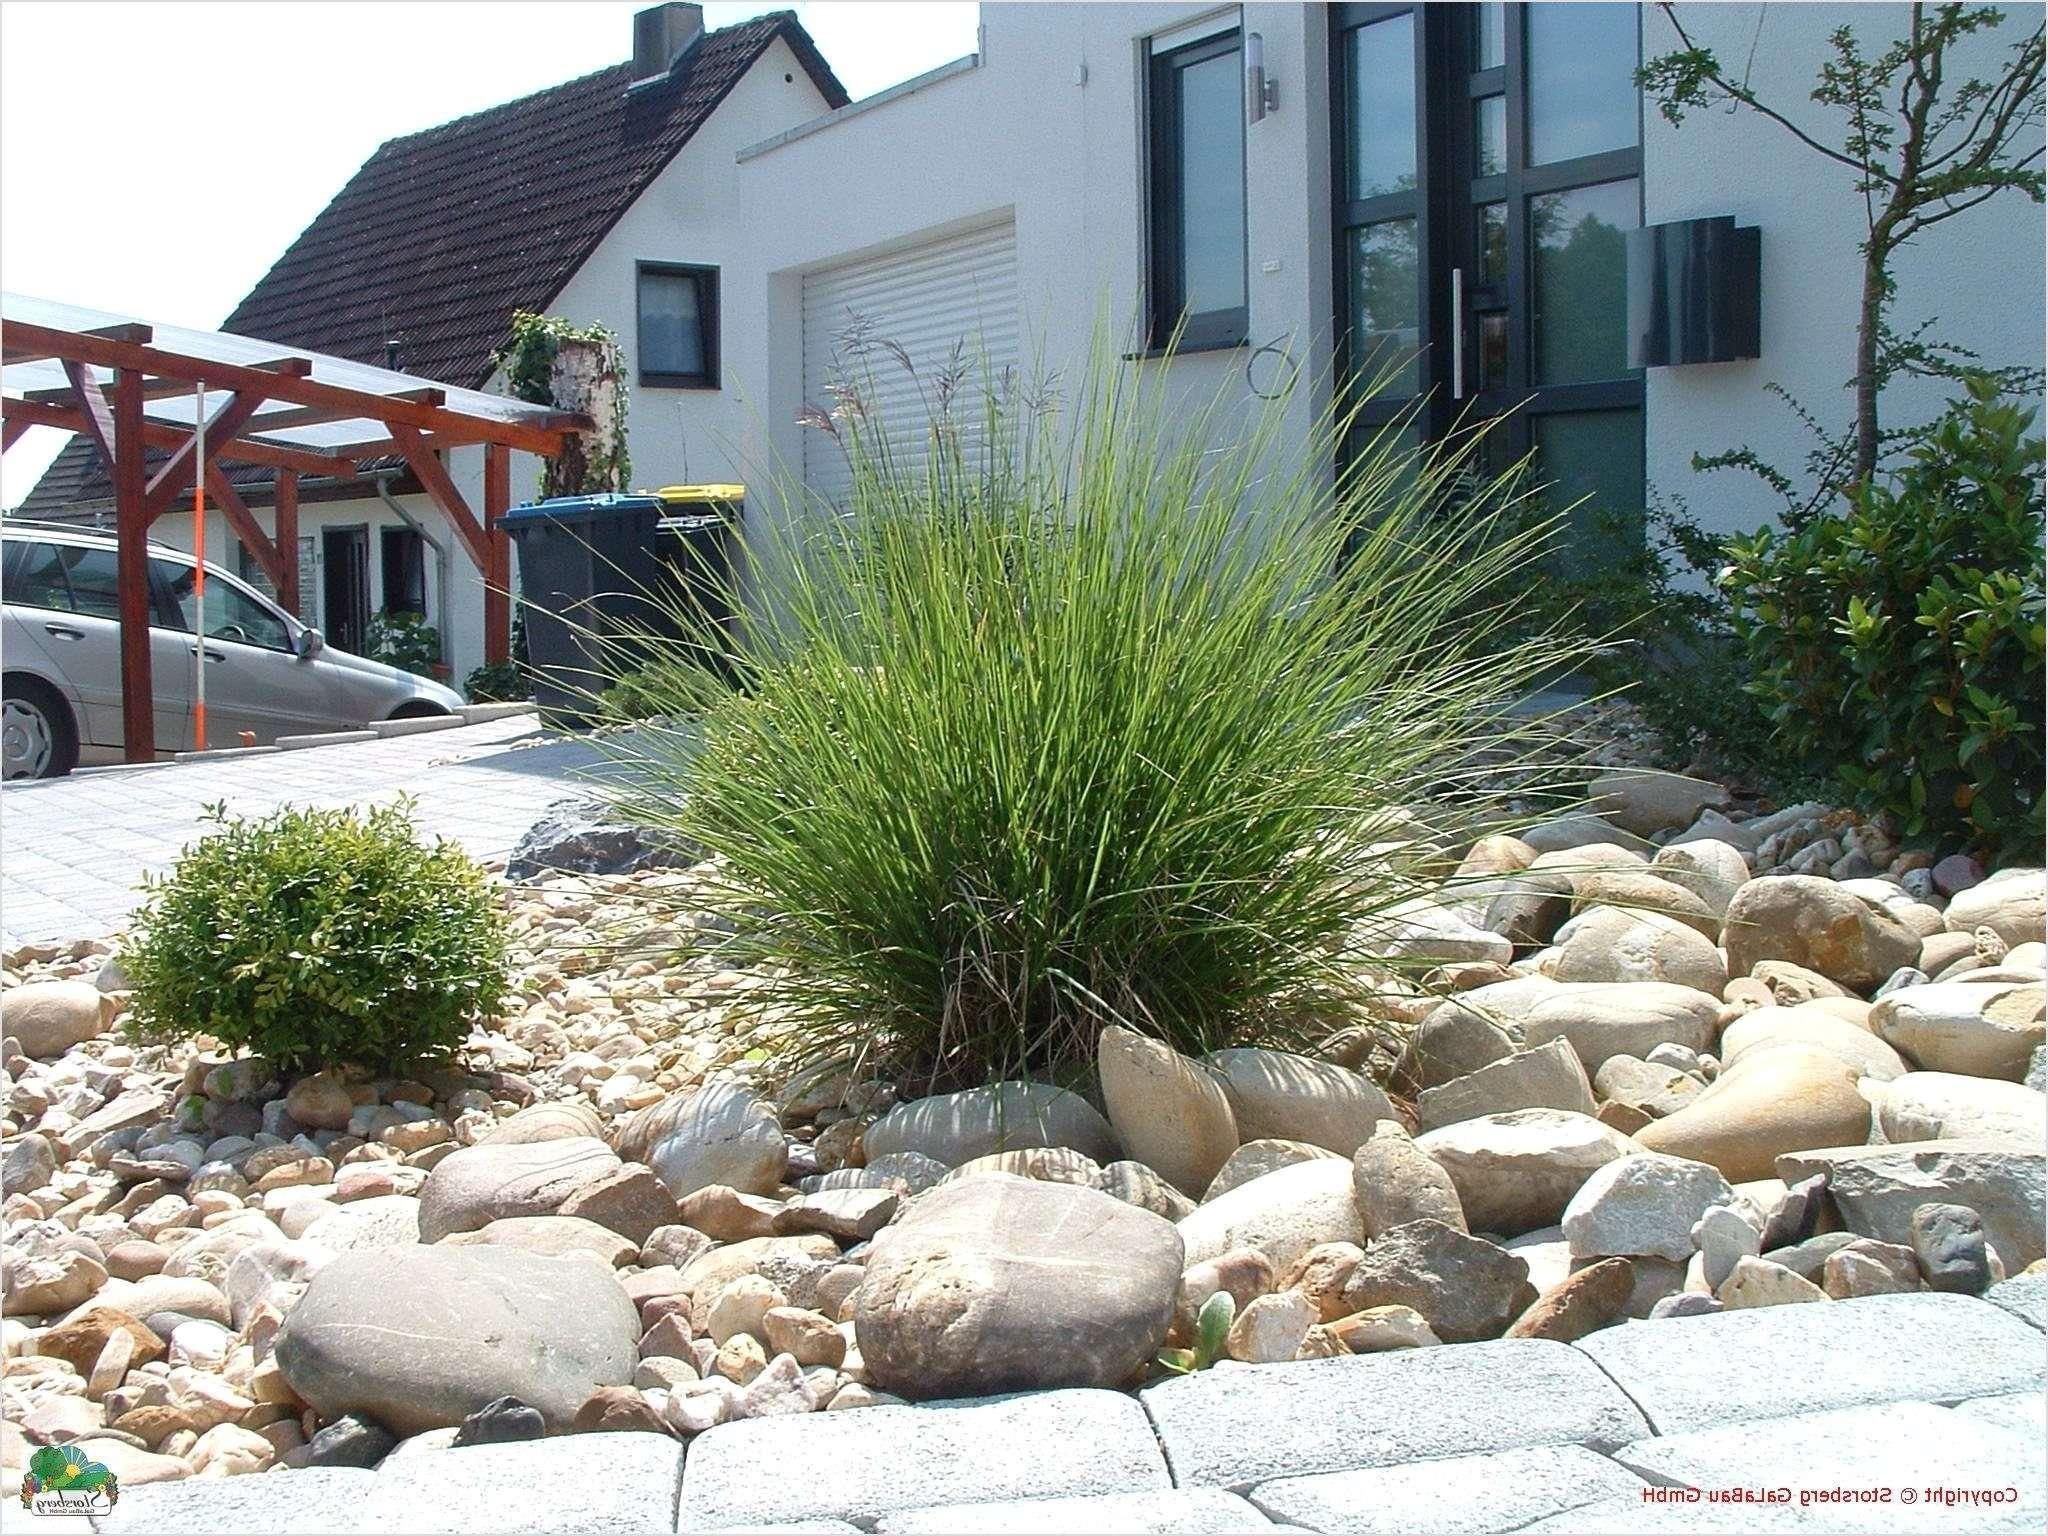 gestalten mit stein im garten frisch neu kiesgarten gestalten mit stein im garten frisch neu kies design ideen von gartenhaus 3x3m ganstig of